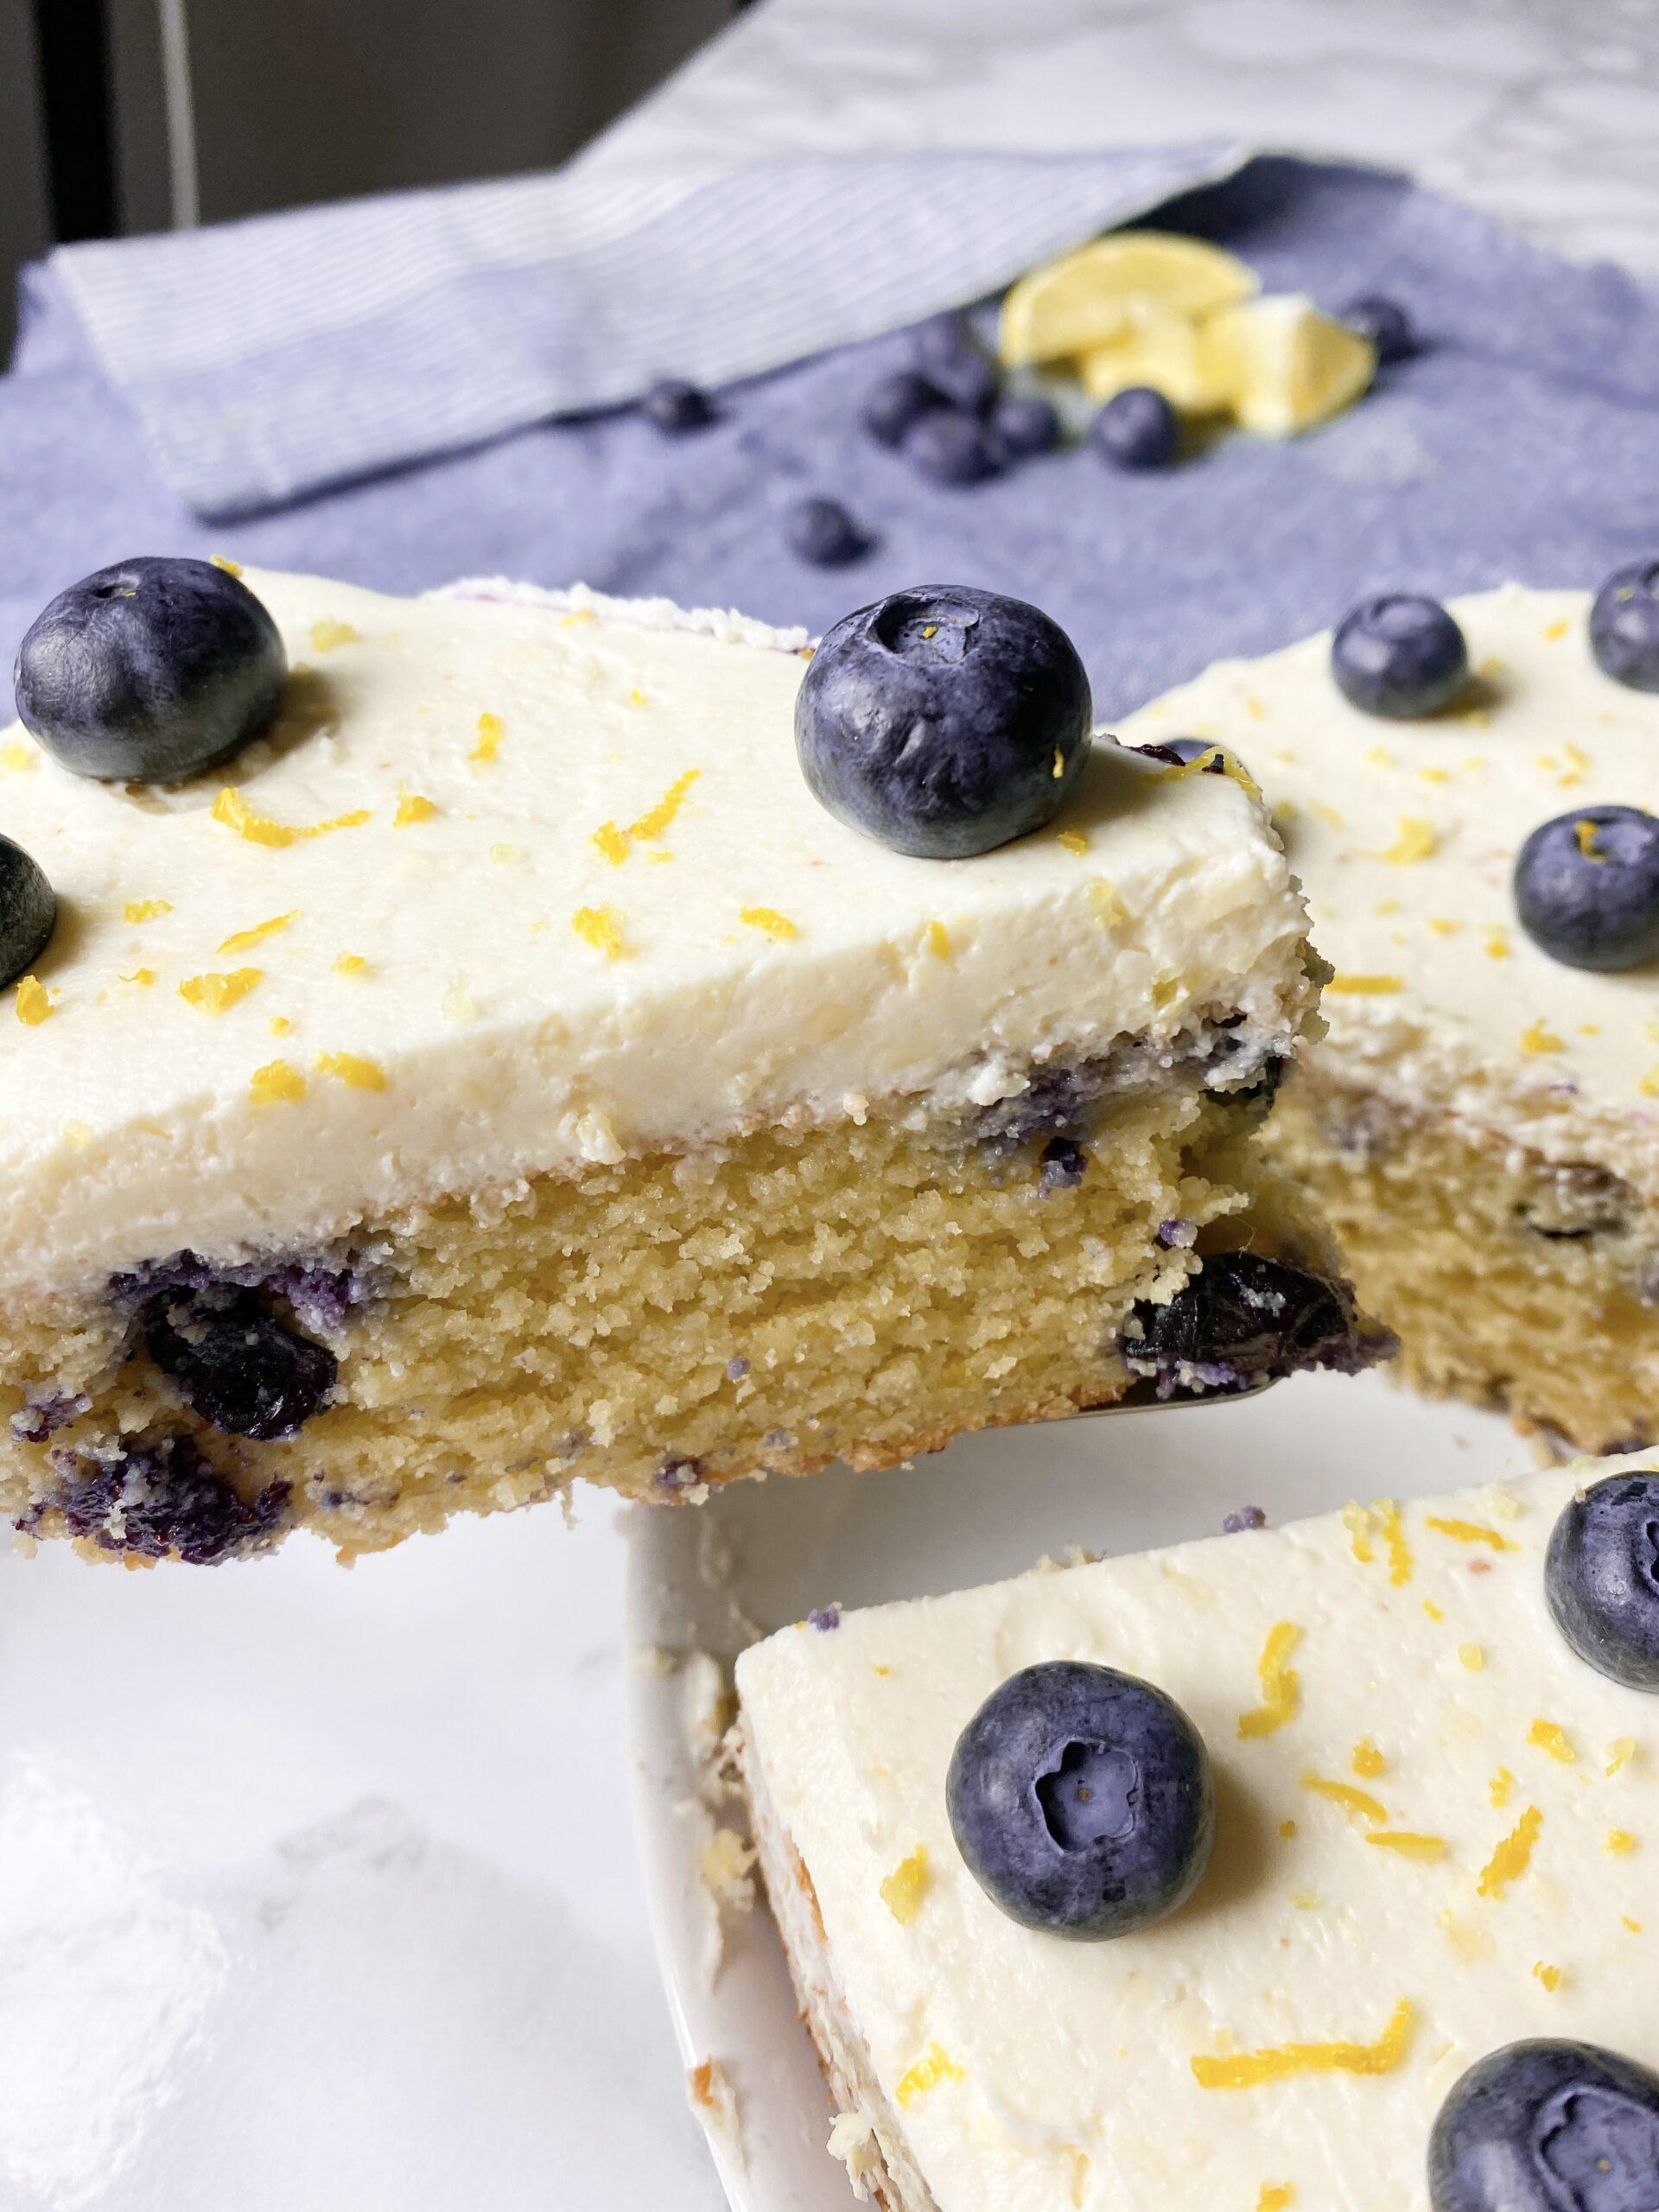 Keto lemon cake with blueberries